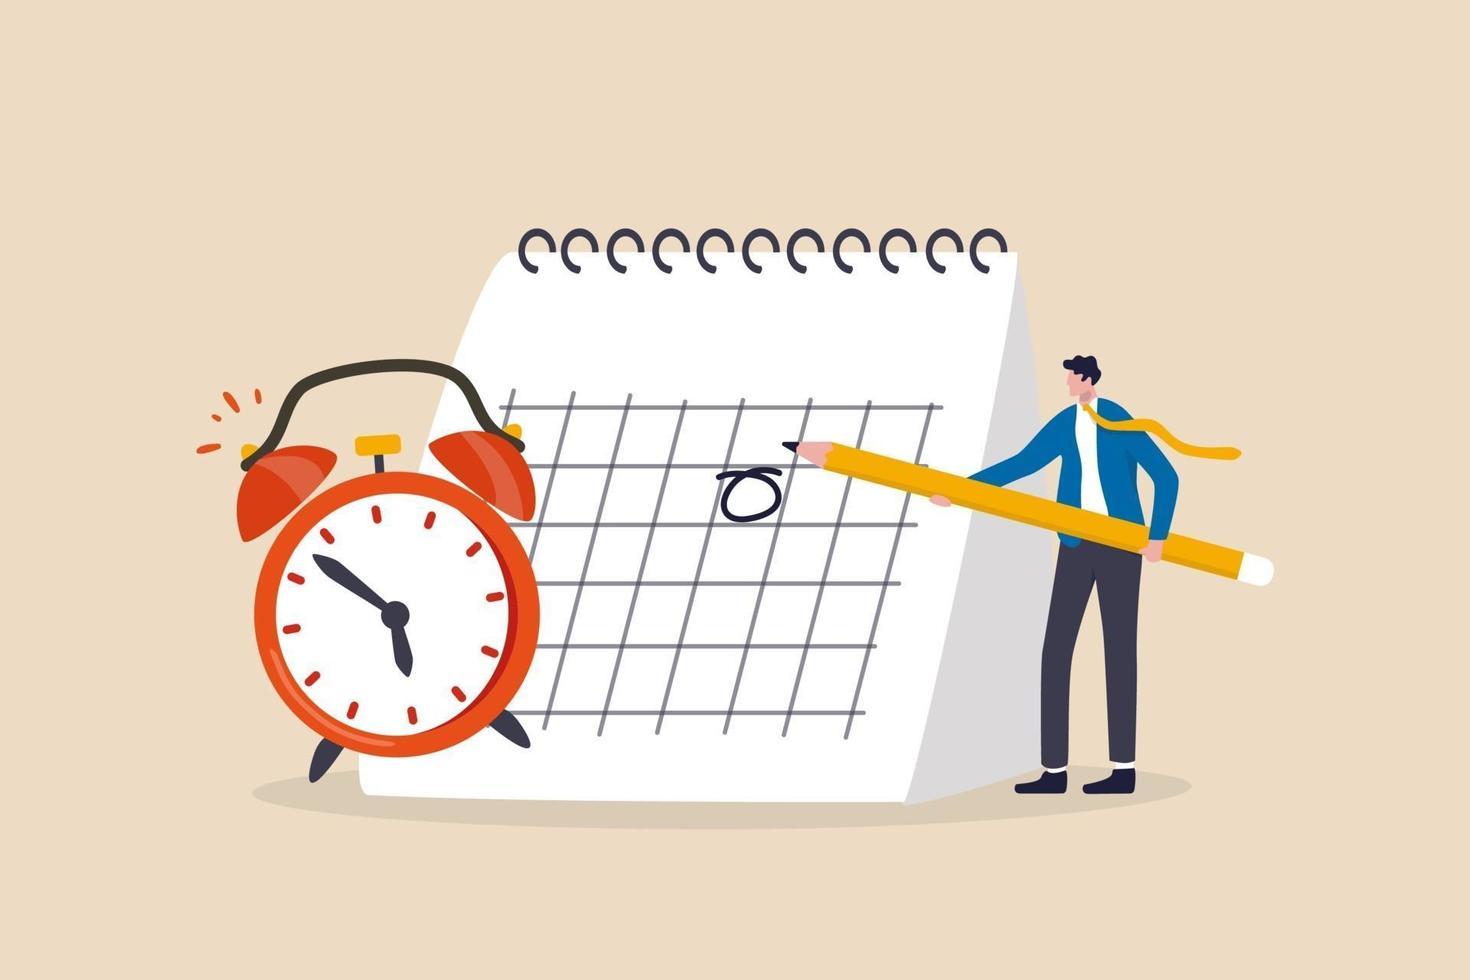 programmare un appuntamento di lavoro, una data importante, un piano del progetto di lavoro o un concetto di promemoria vettore